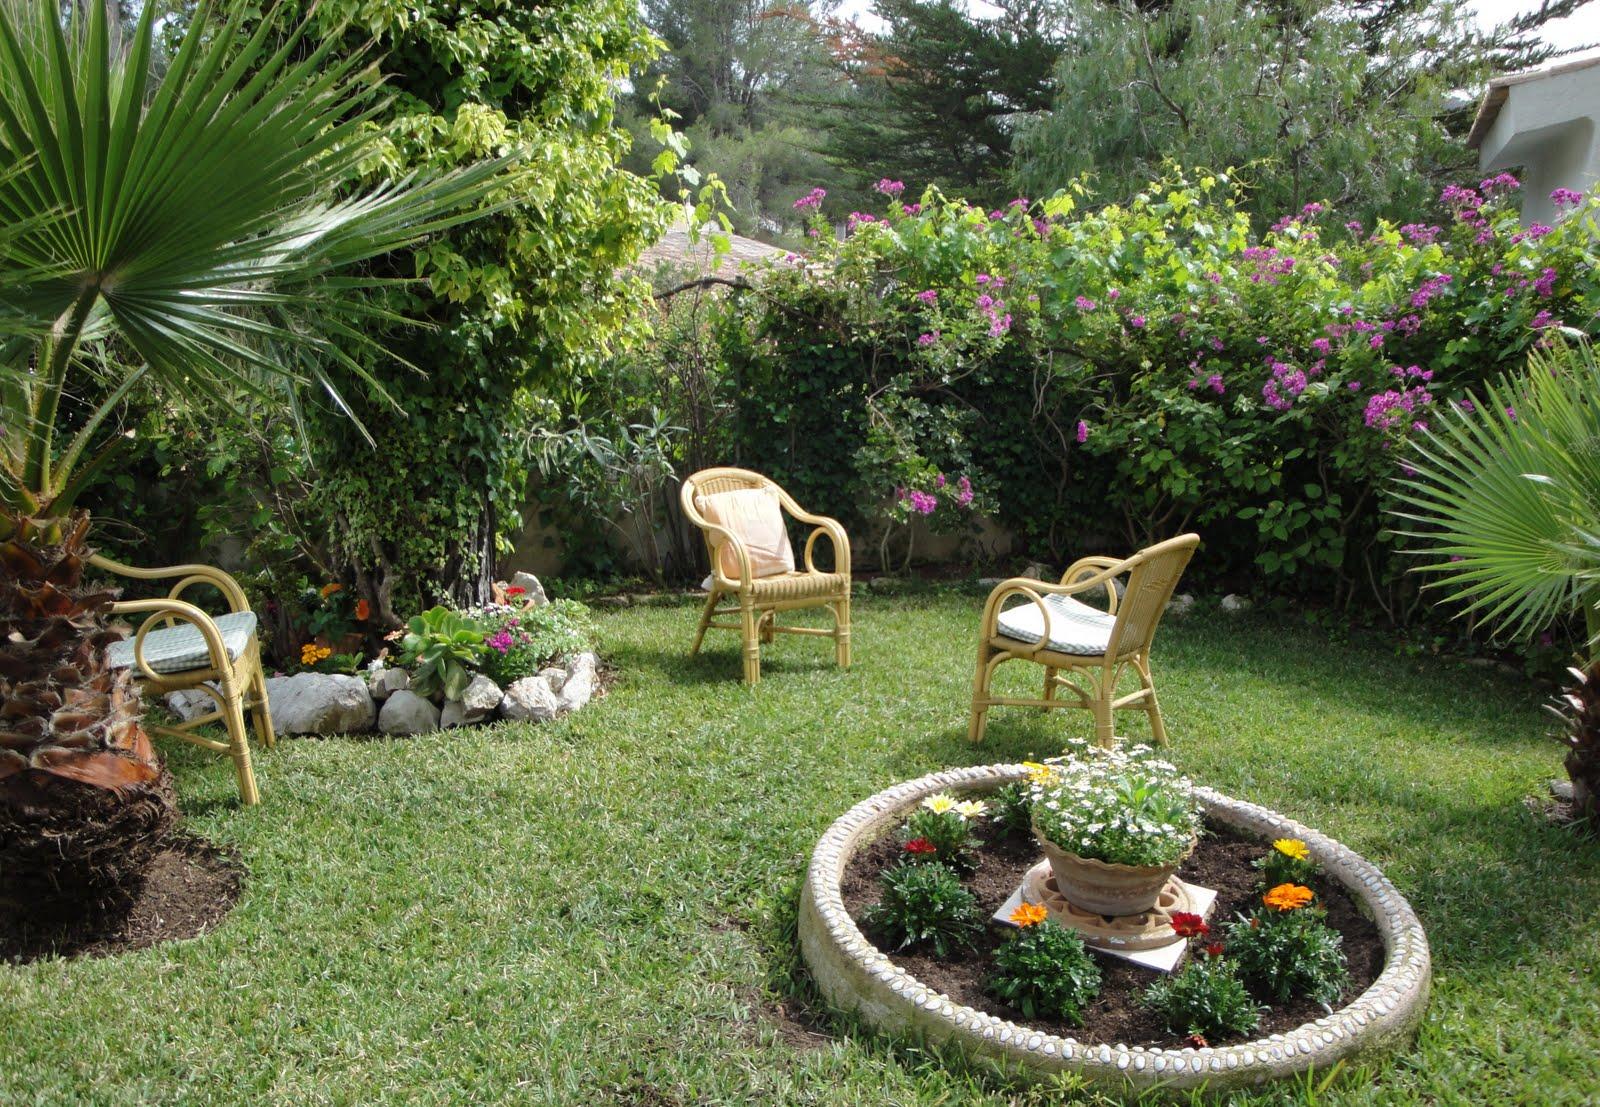 La mimosa de mi jardin un rinc ne mi jardin - Como arreglar mi jardin con poco dinero ...